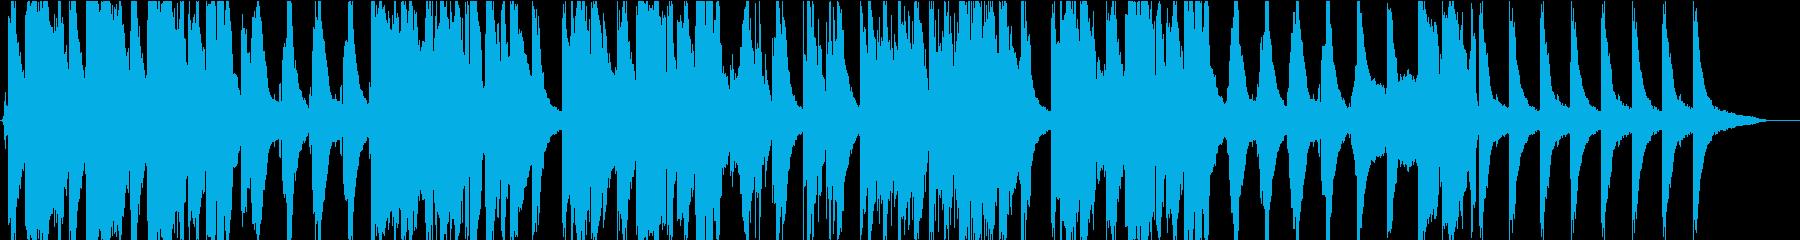 女性コーラスとピアノの切ないバラードの再生済みの波形